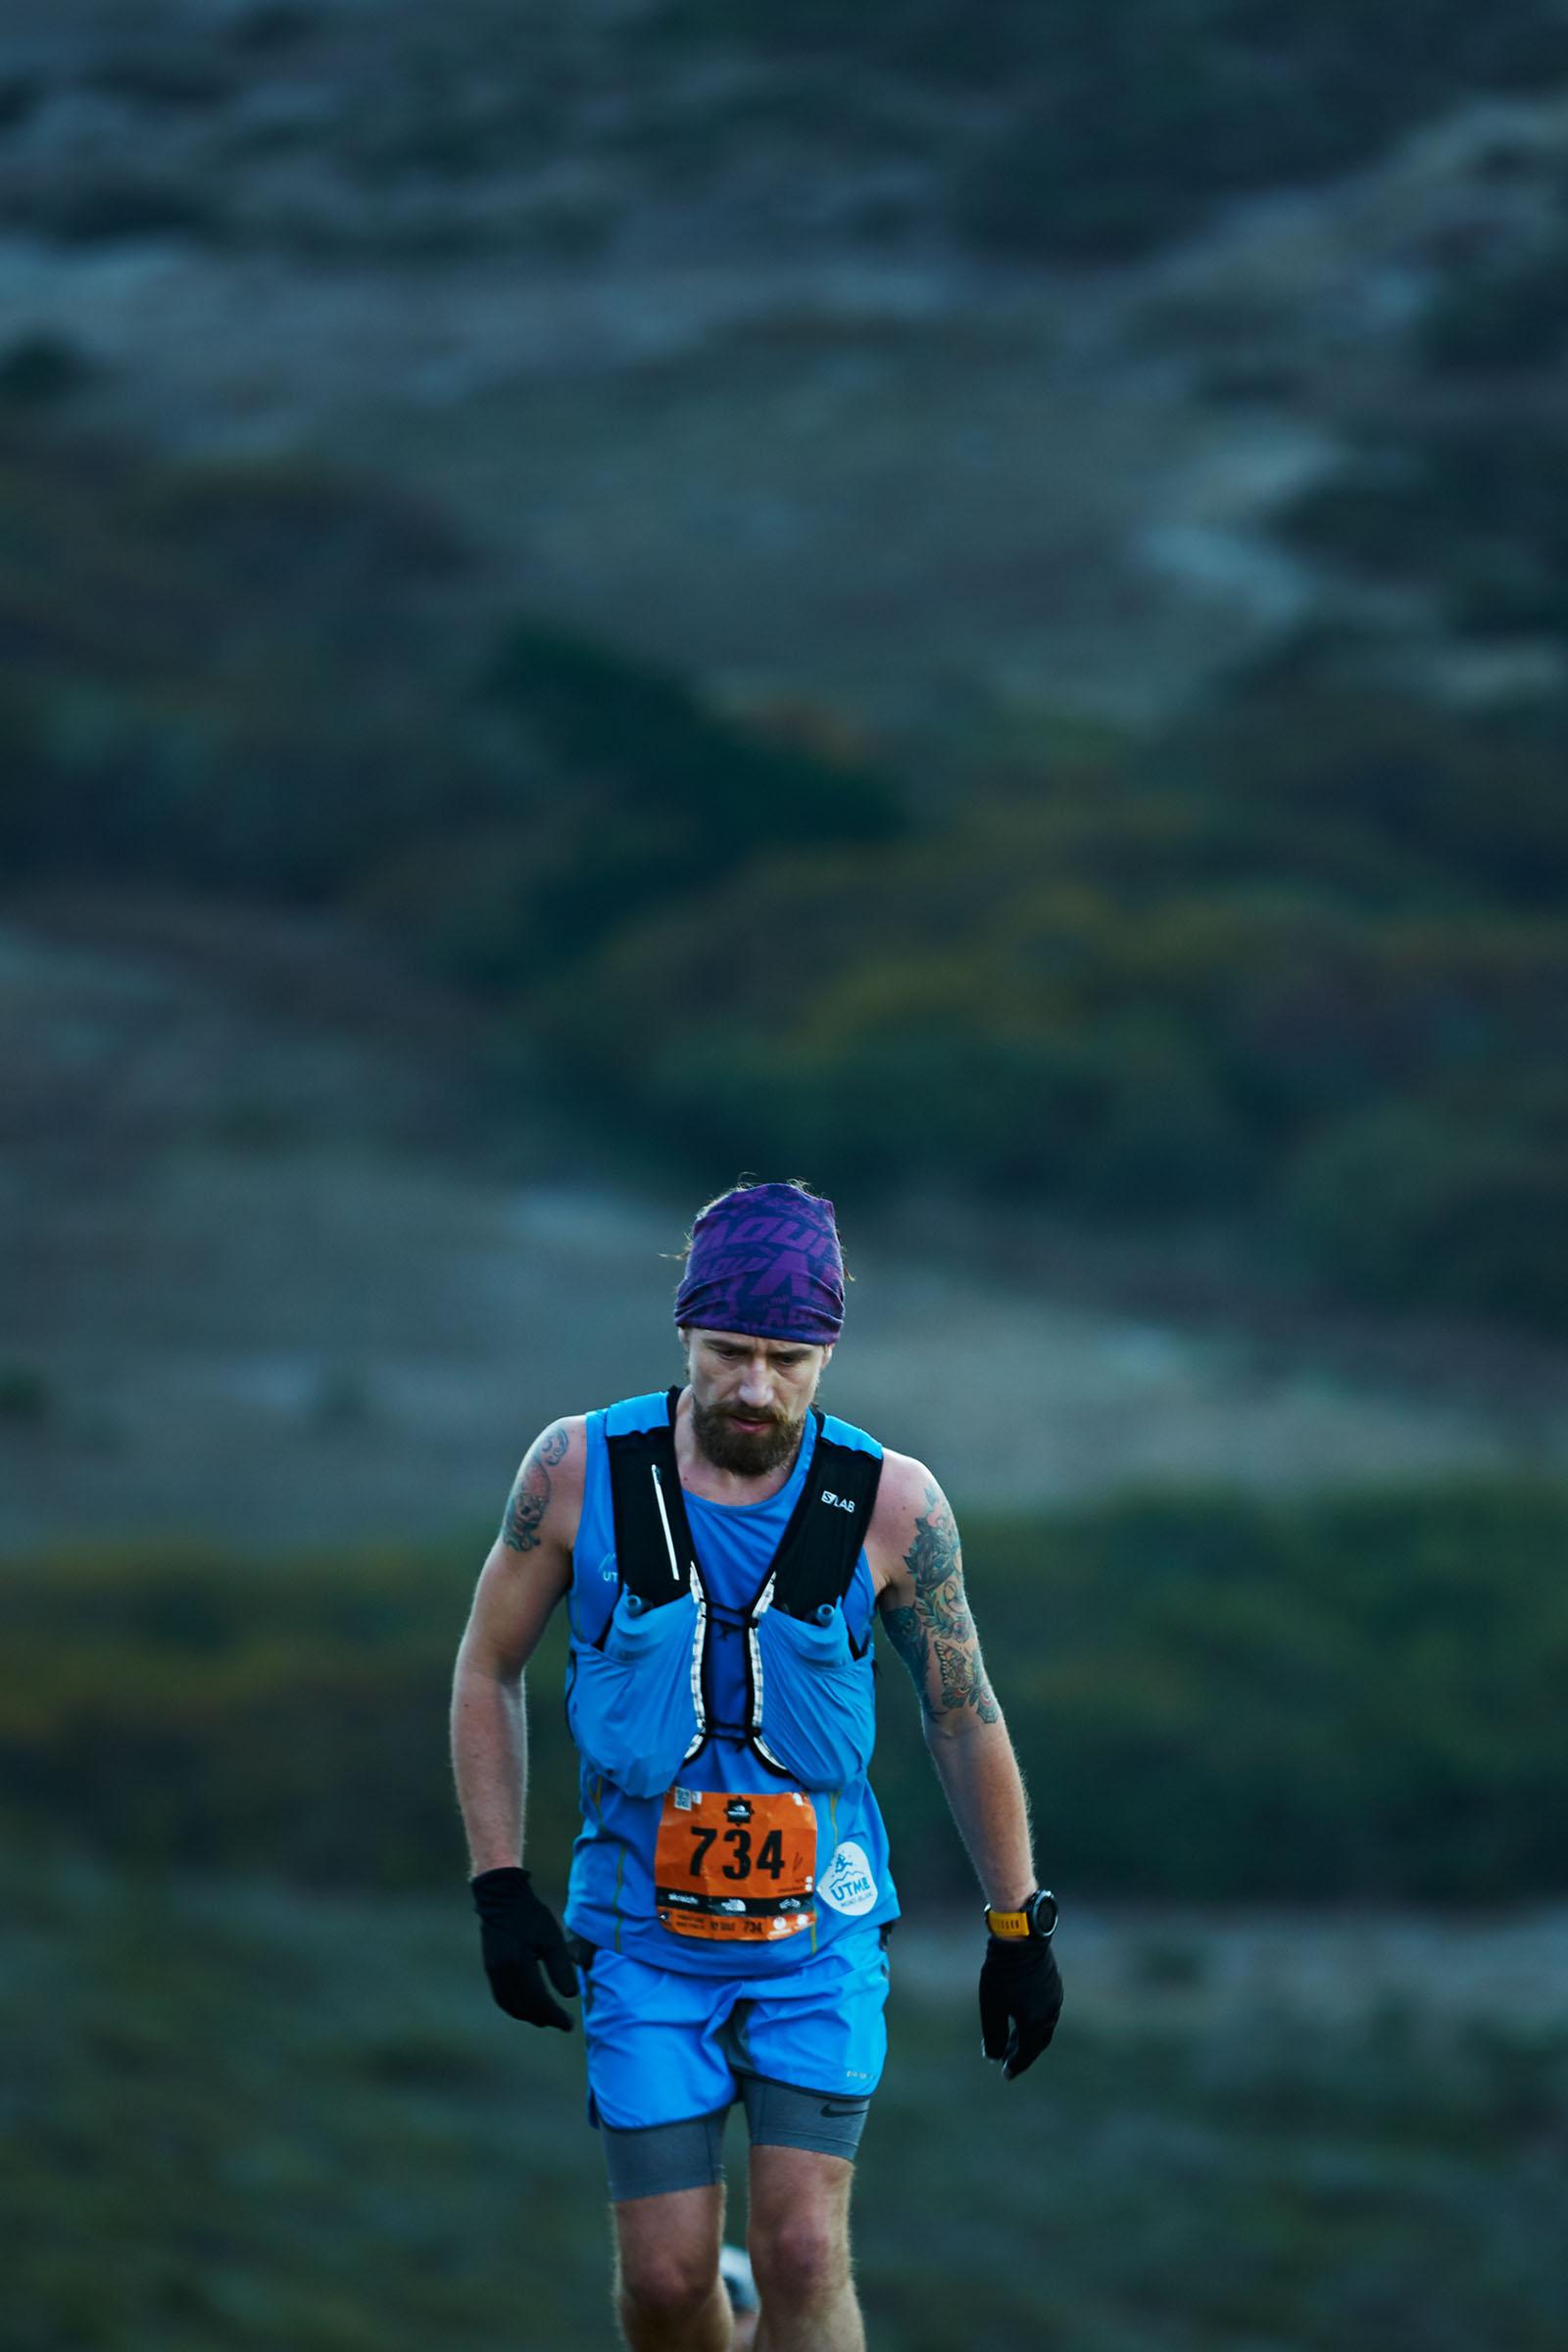 TEST-endurance-1 267.jpg